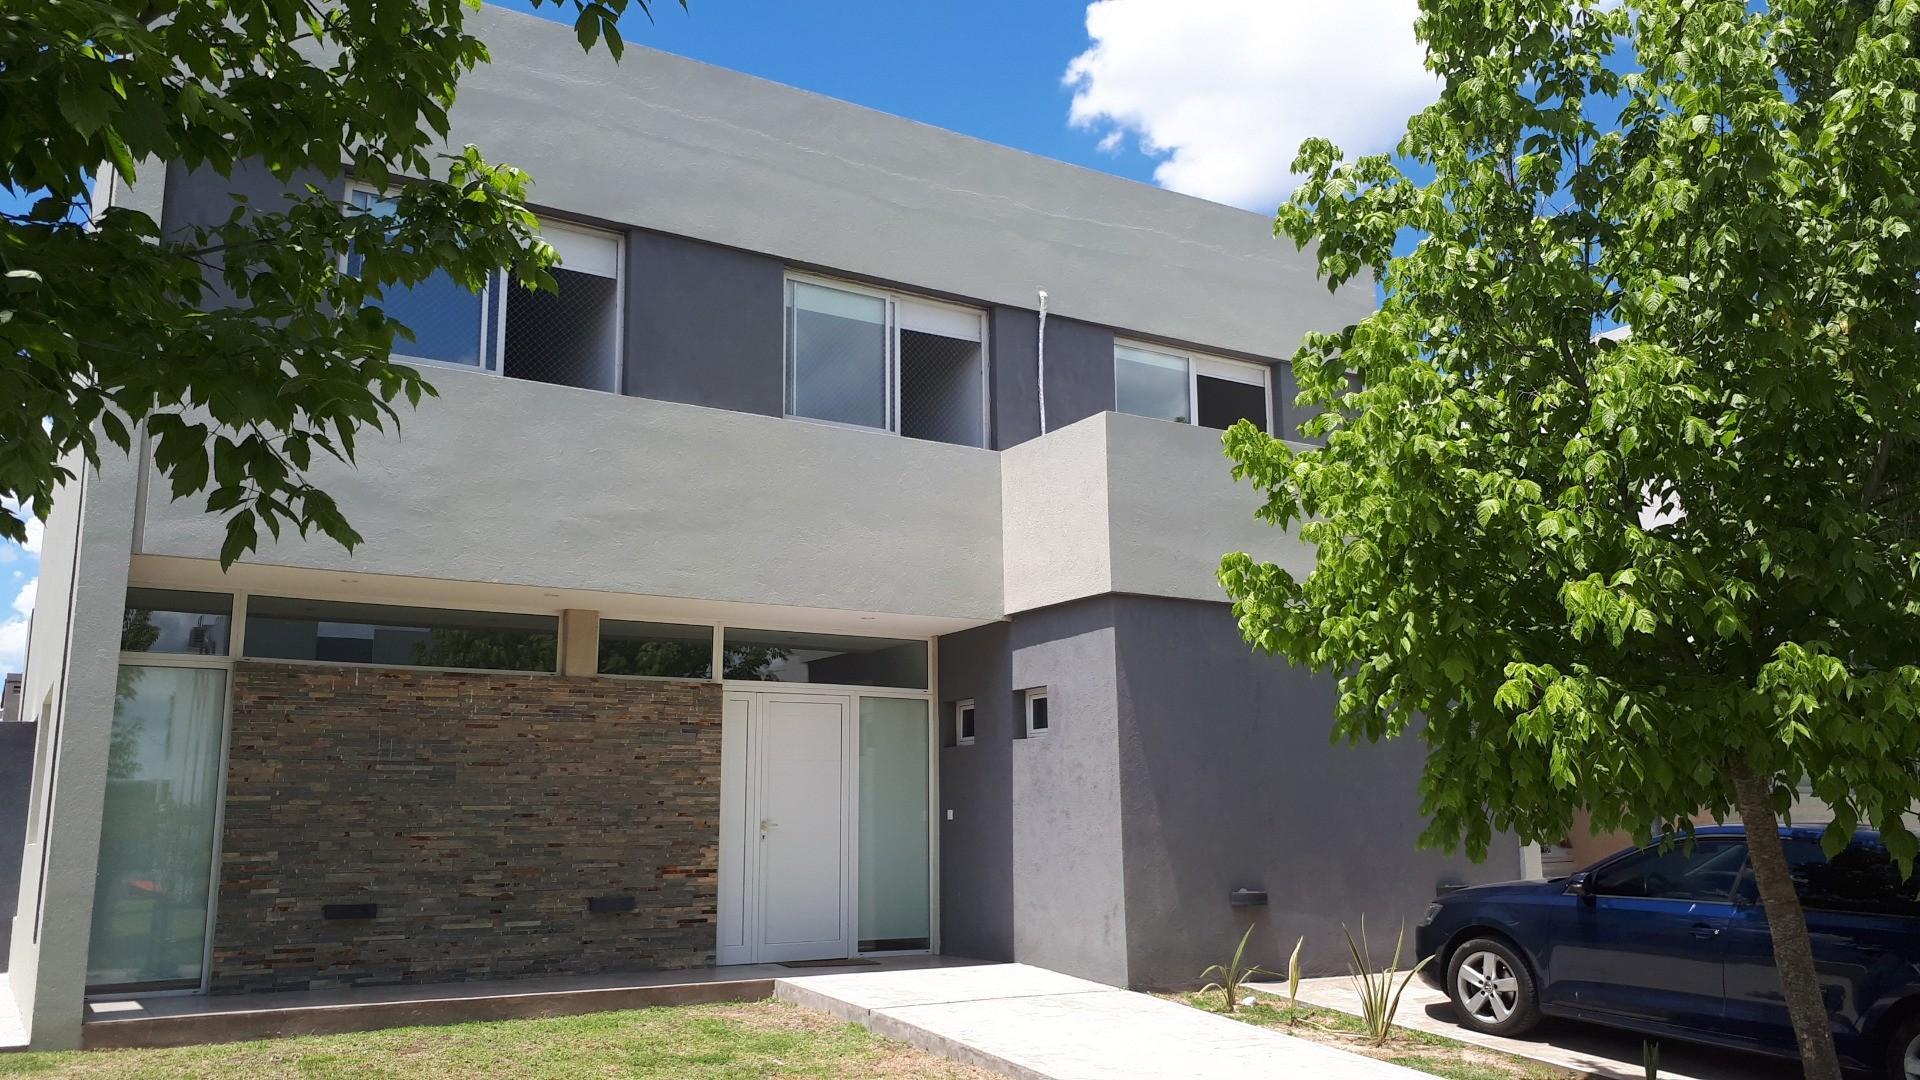 Casa en Venta en Nordelta Los Alisos - 5 ambientes